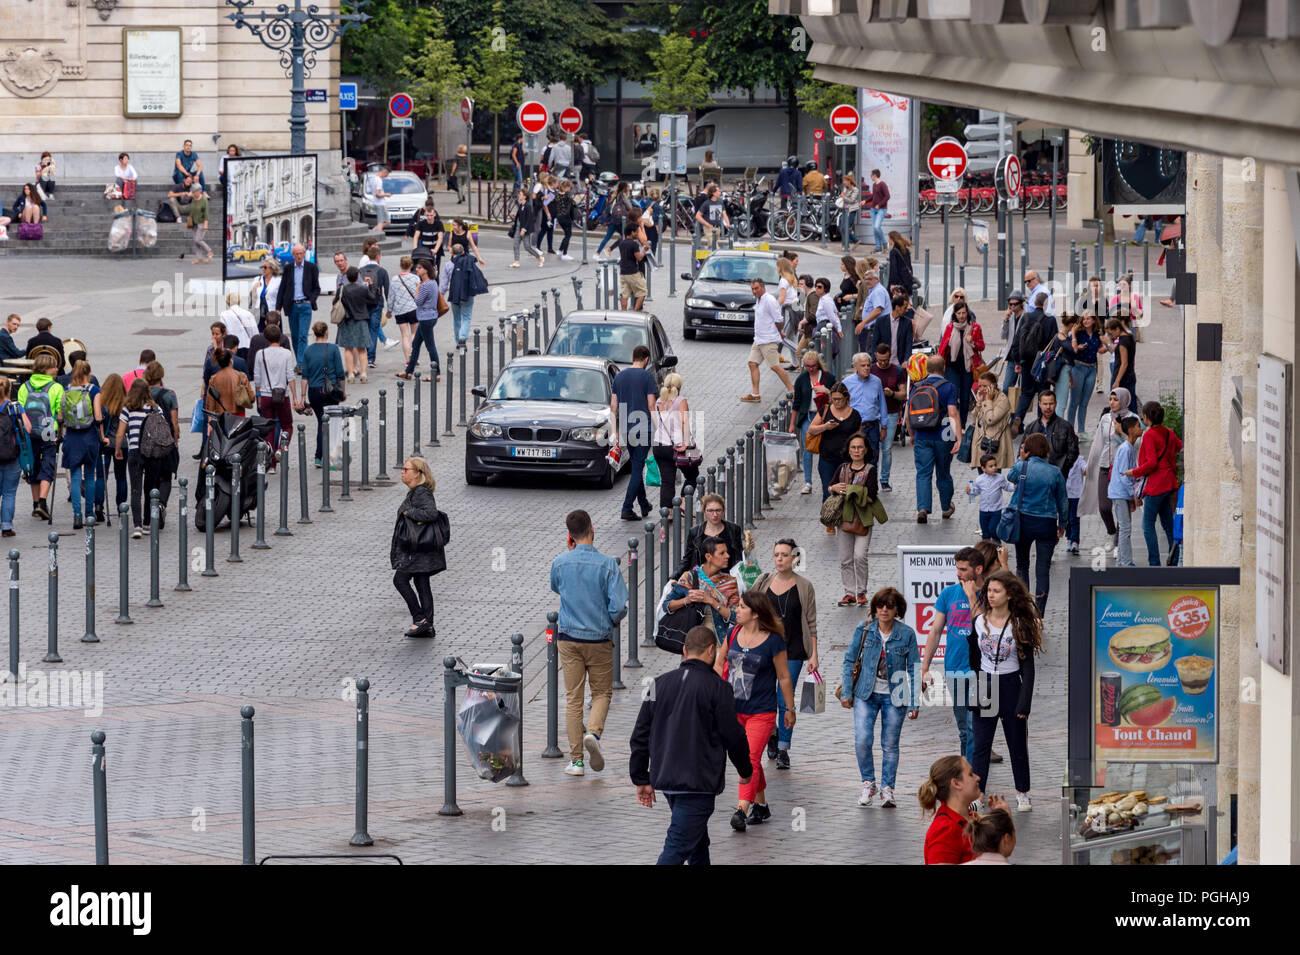 Lille, Francia - 15 de junio de 2018: los peatones caminando por la Rue des Manneliers street. Imagen De Stock